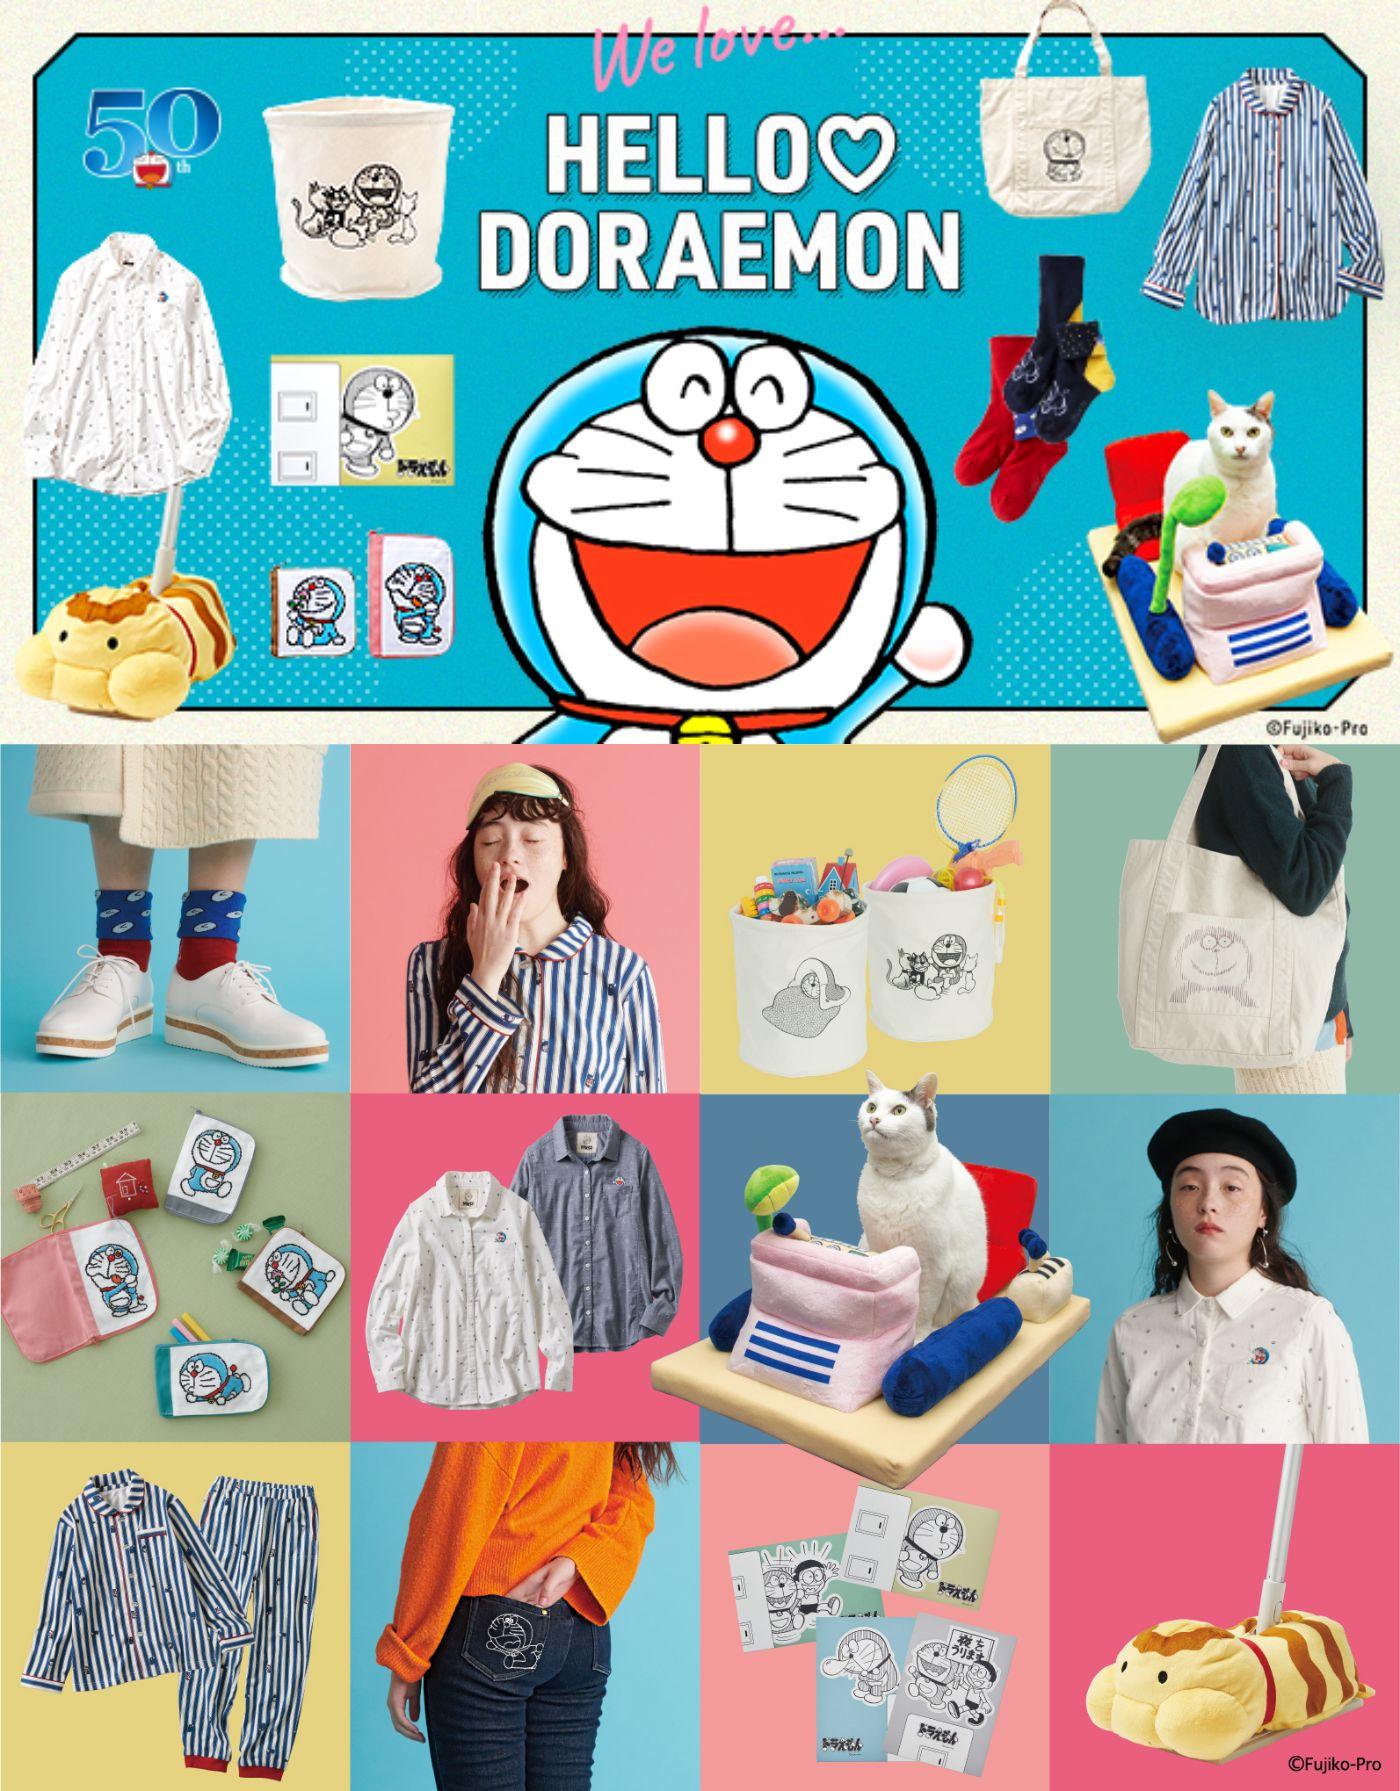 「大人にこそ、ドラえもんを。」がテーマのアパレルアイテム登場!パジャマ・シャツ・靴下など…ユーモアあふれるアイテムも